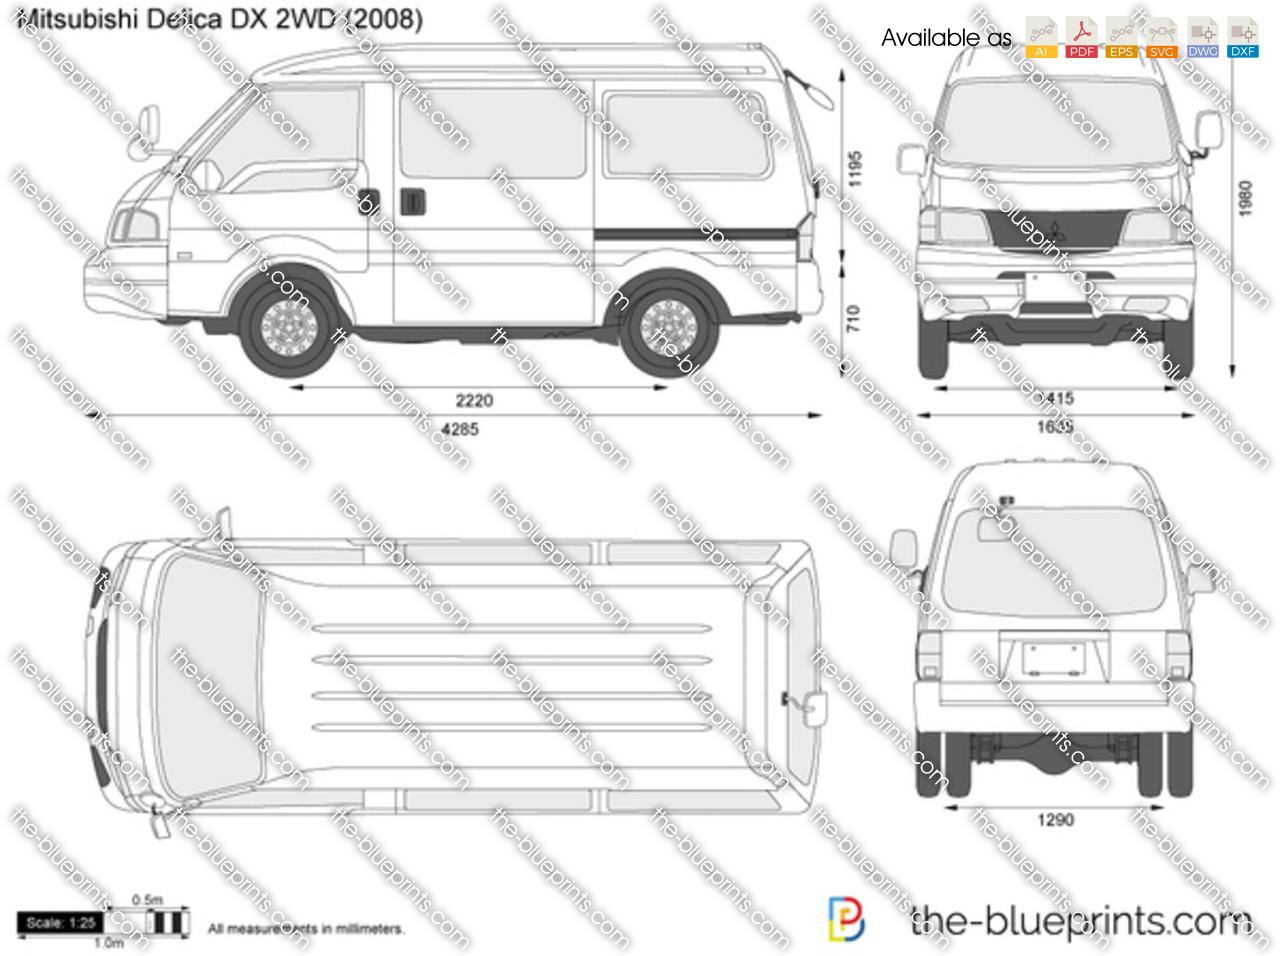 Mitsubishi Delica DX 2WD 1996